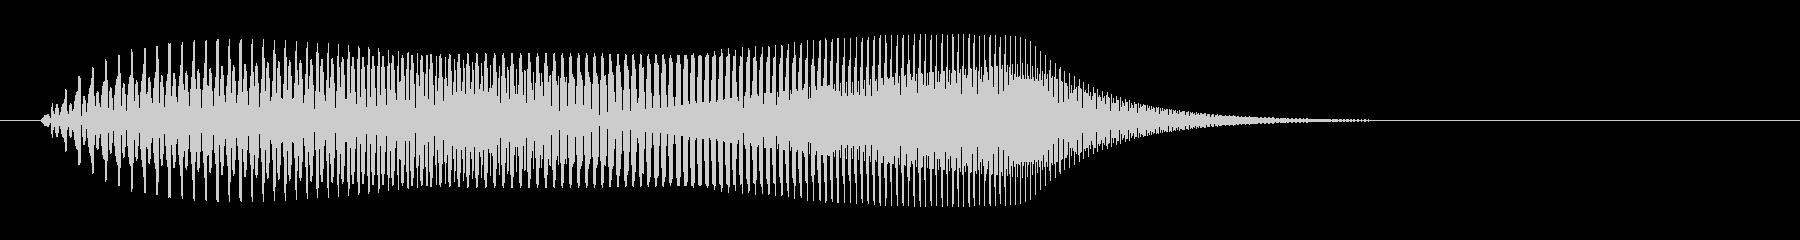 【ピヨーン】ファミコン系ジャンプ音_03の未再生の波形